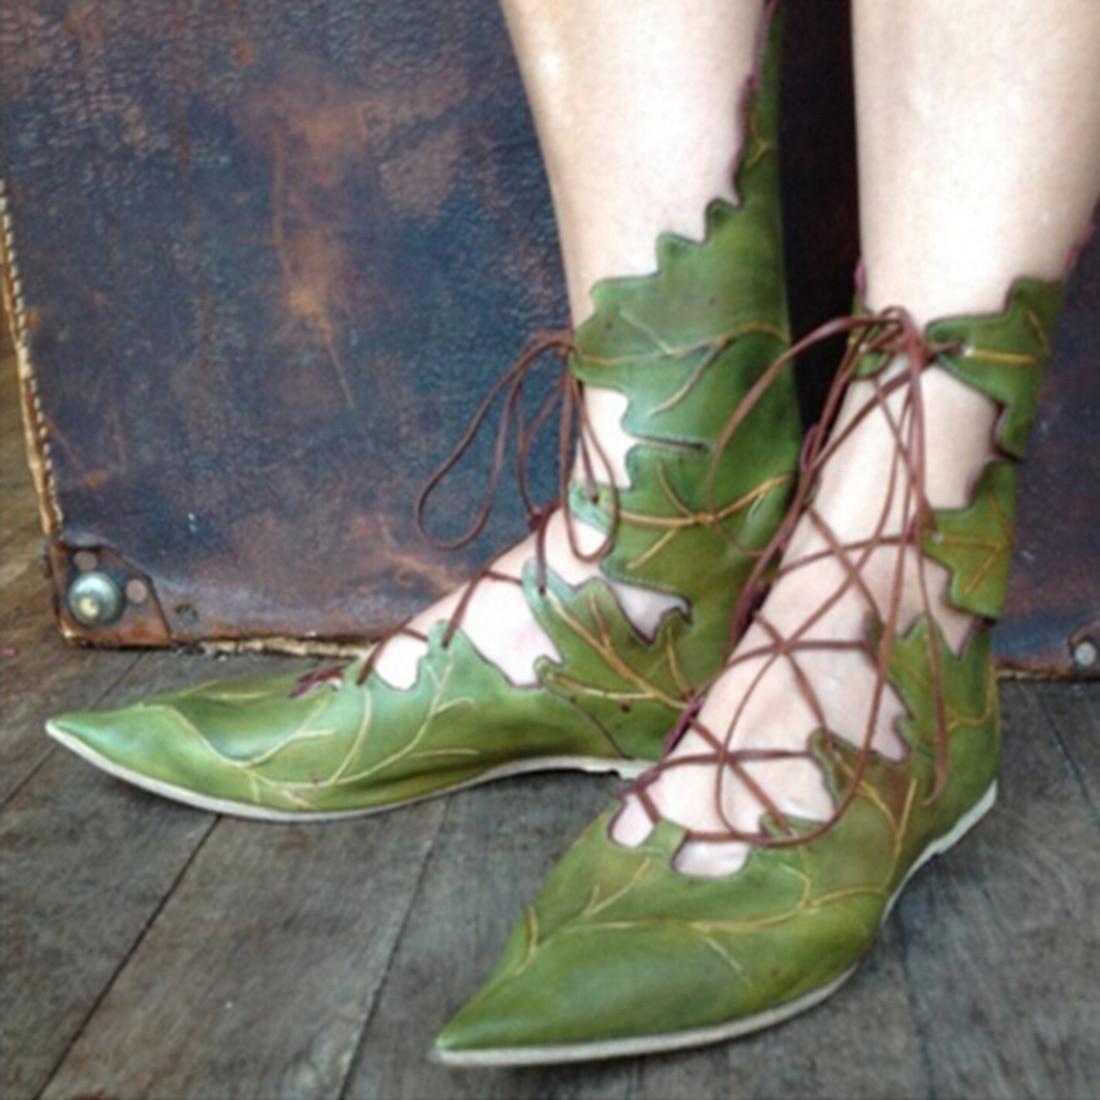 2018 otoño mujeres damas gladiador cordones zapatos planos casuales hoja estilo diseño puntiagudo dedo del pie verde rojo tobillo Strappy Zapatos de vestir